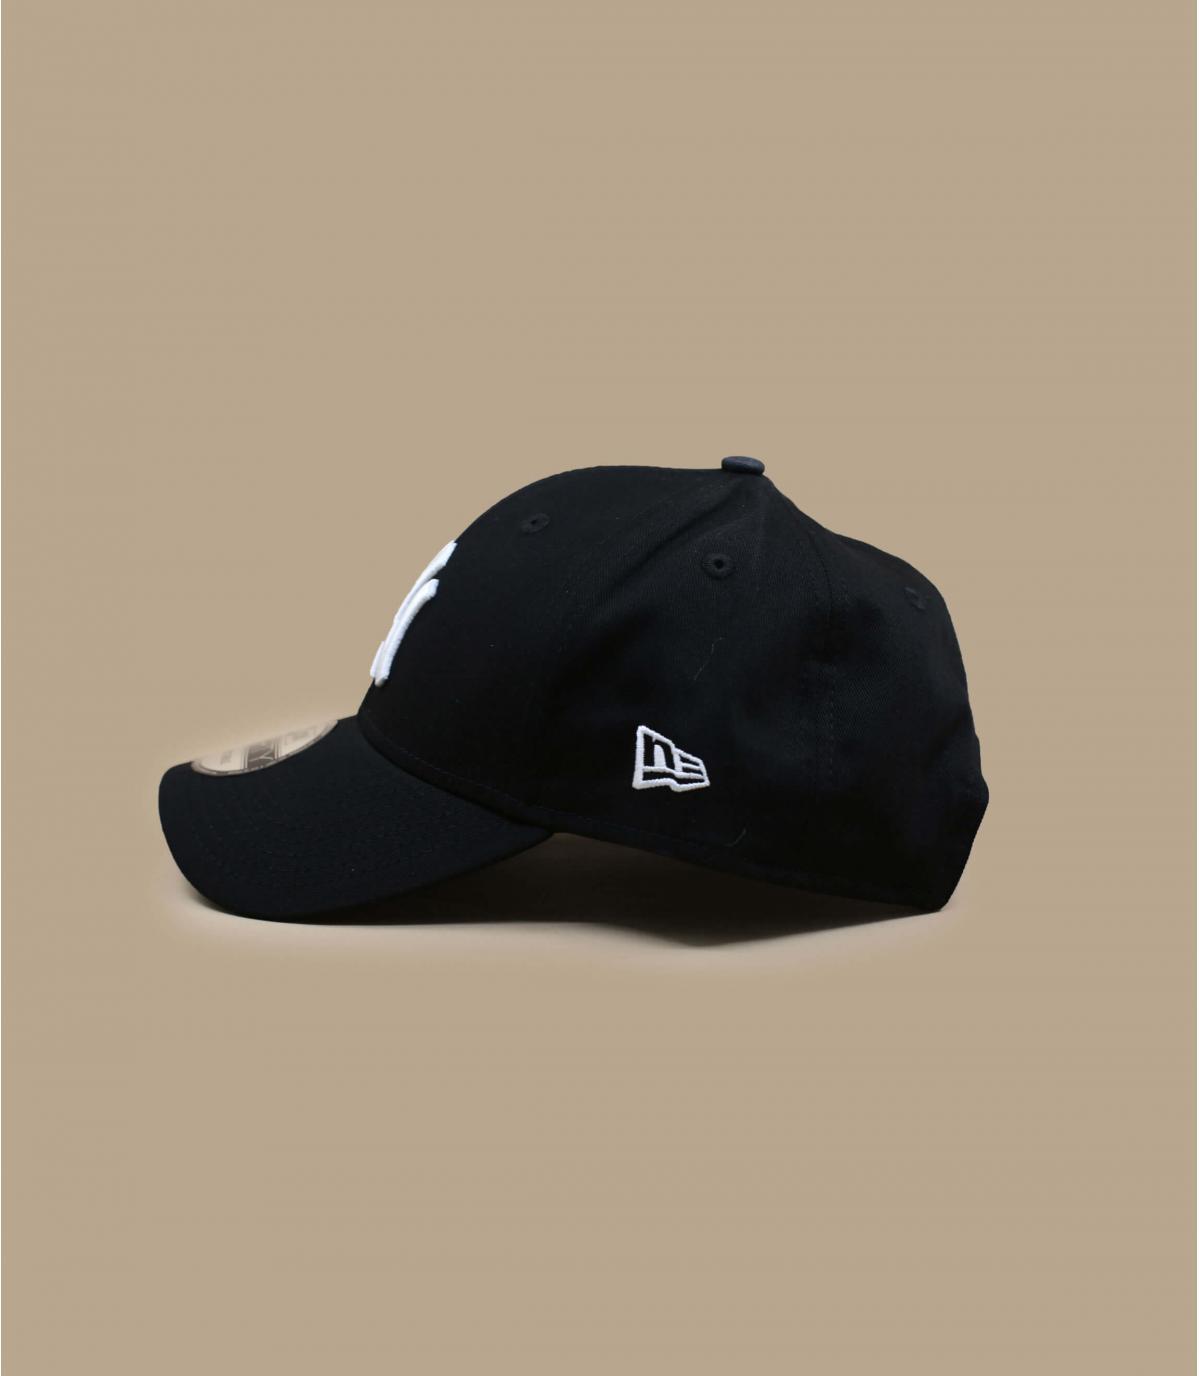 Détails Casquette NY 9forty noire ajustable - image 2